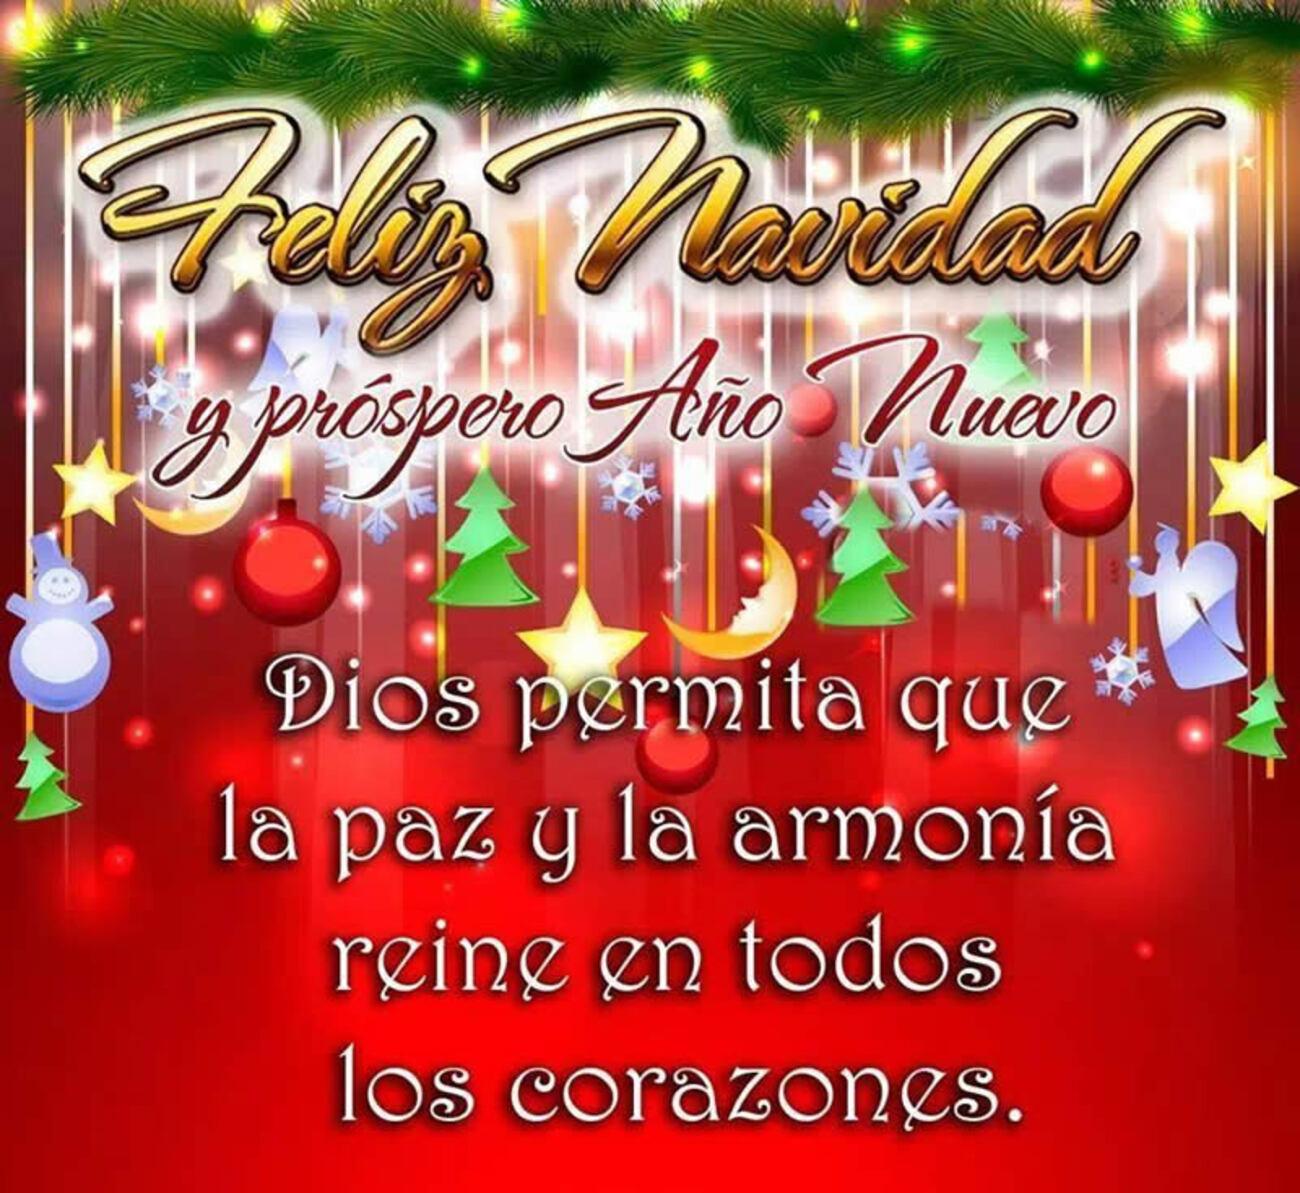 Feliz Navidad y Próspero Año Nuevo Dios permita que la paz y la armonía reine en todos los corazones